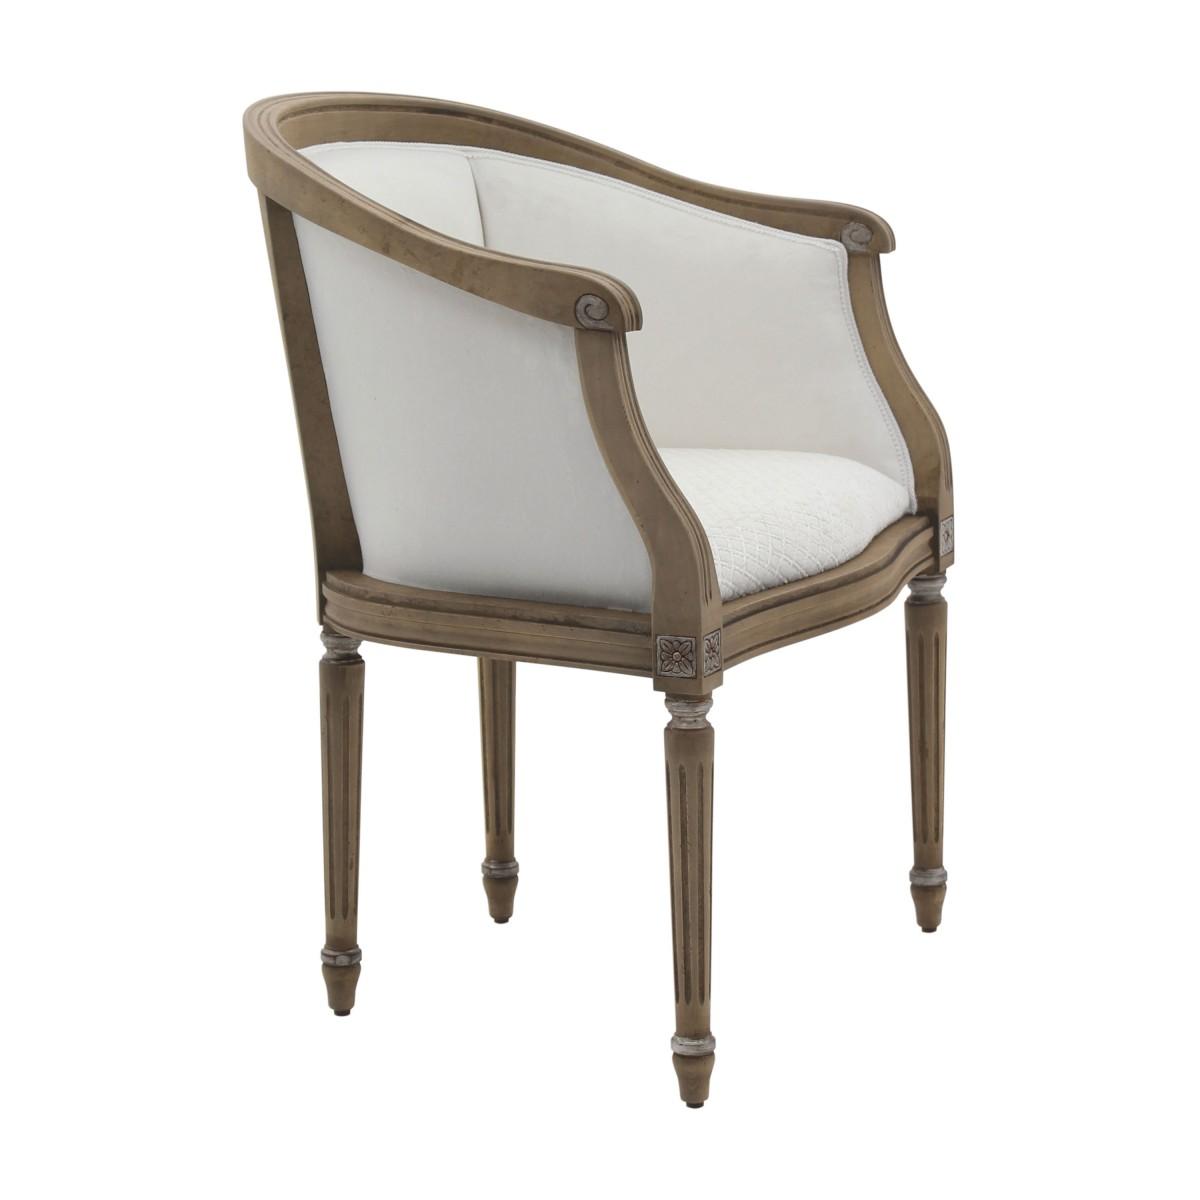 luis style armchair luigi 2467